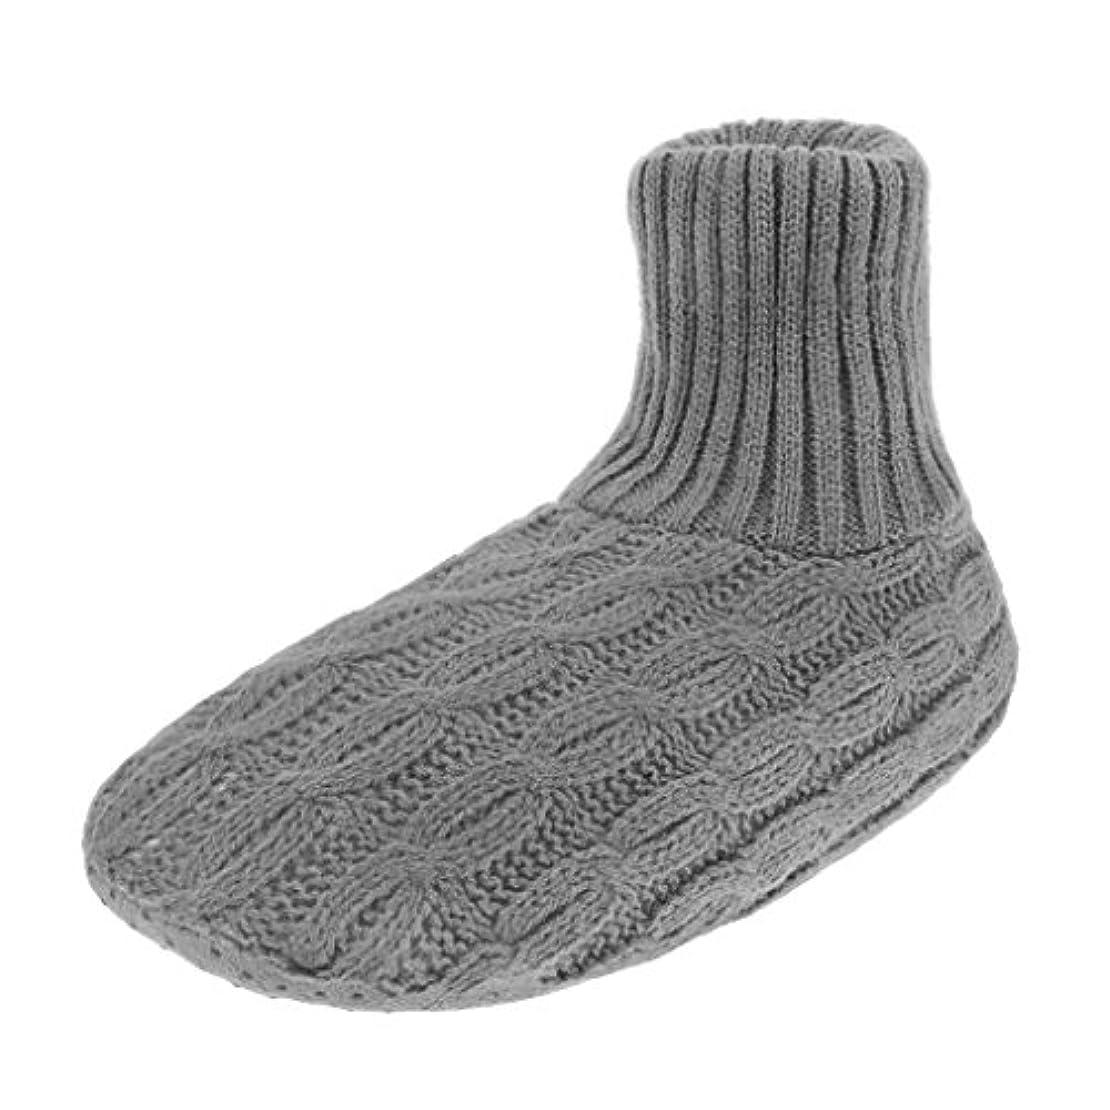 滑る品種国勢調査レディース靴下 ルームソックス 編み物 室内履き 自宅仕事用 ニット 暖かい もこもこ 寒気防止 両足温める 極厚地 柔軟 滑り止めクッション シンプル 冬 ソックス くつした ガールズ 女 女性用 成人 ジュニア 来客用 グレー